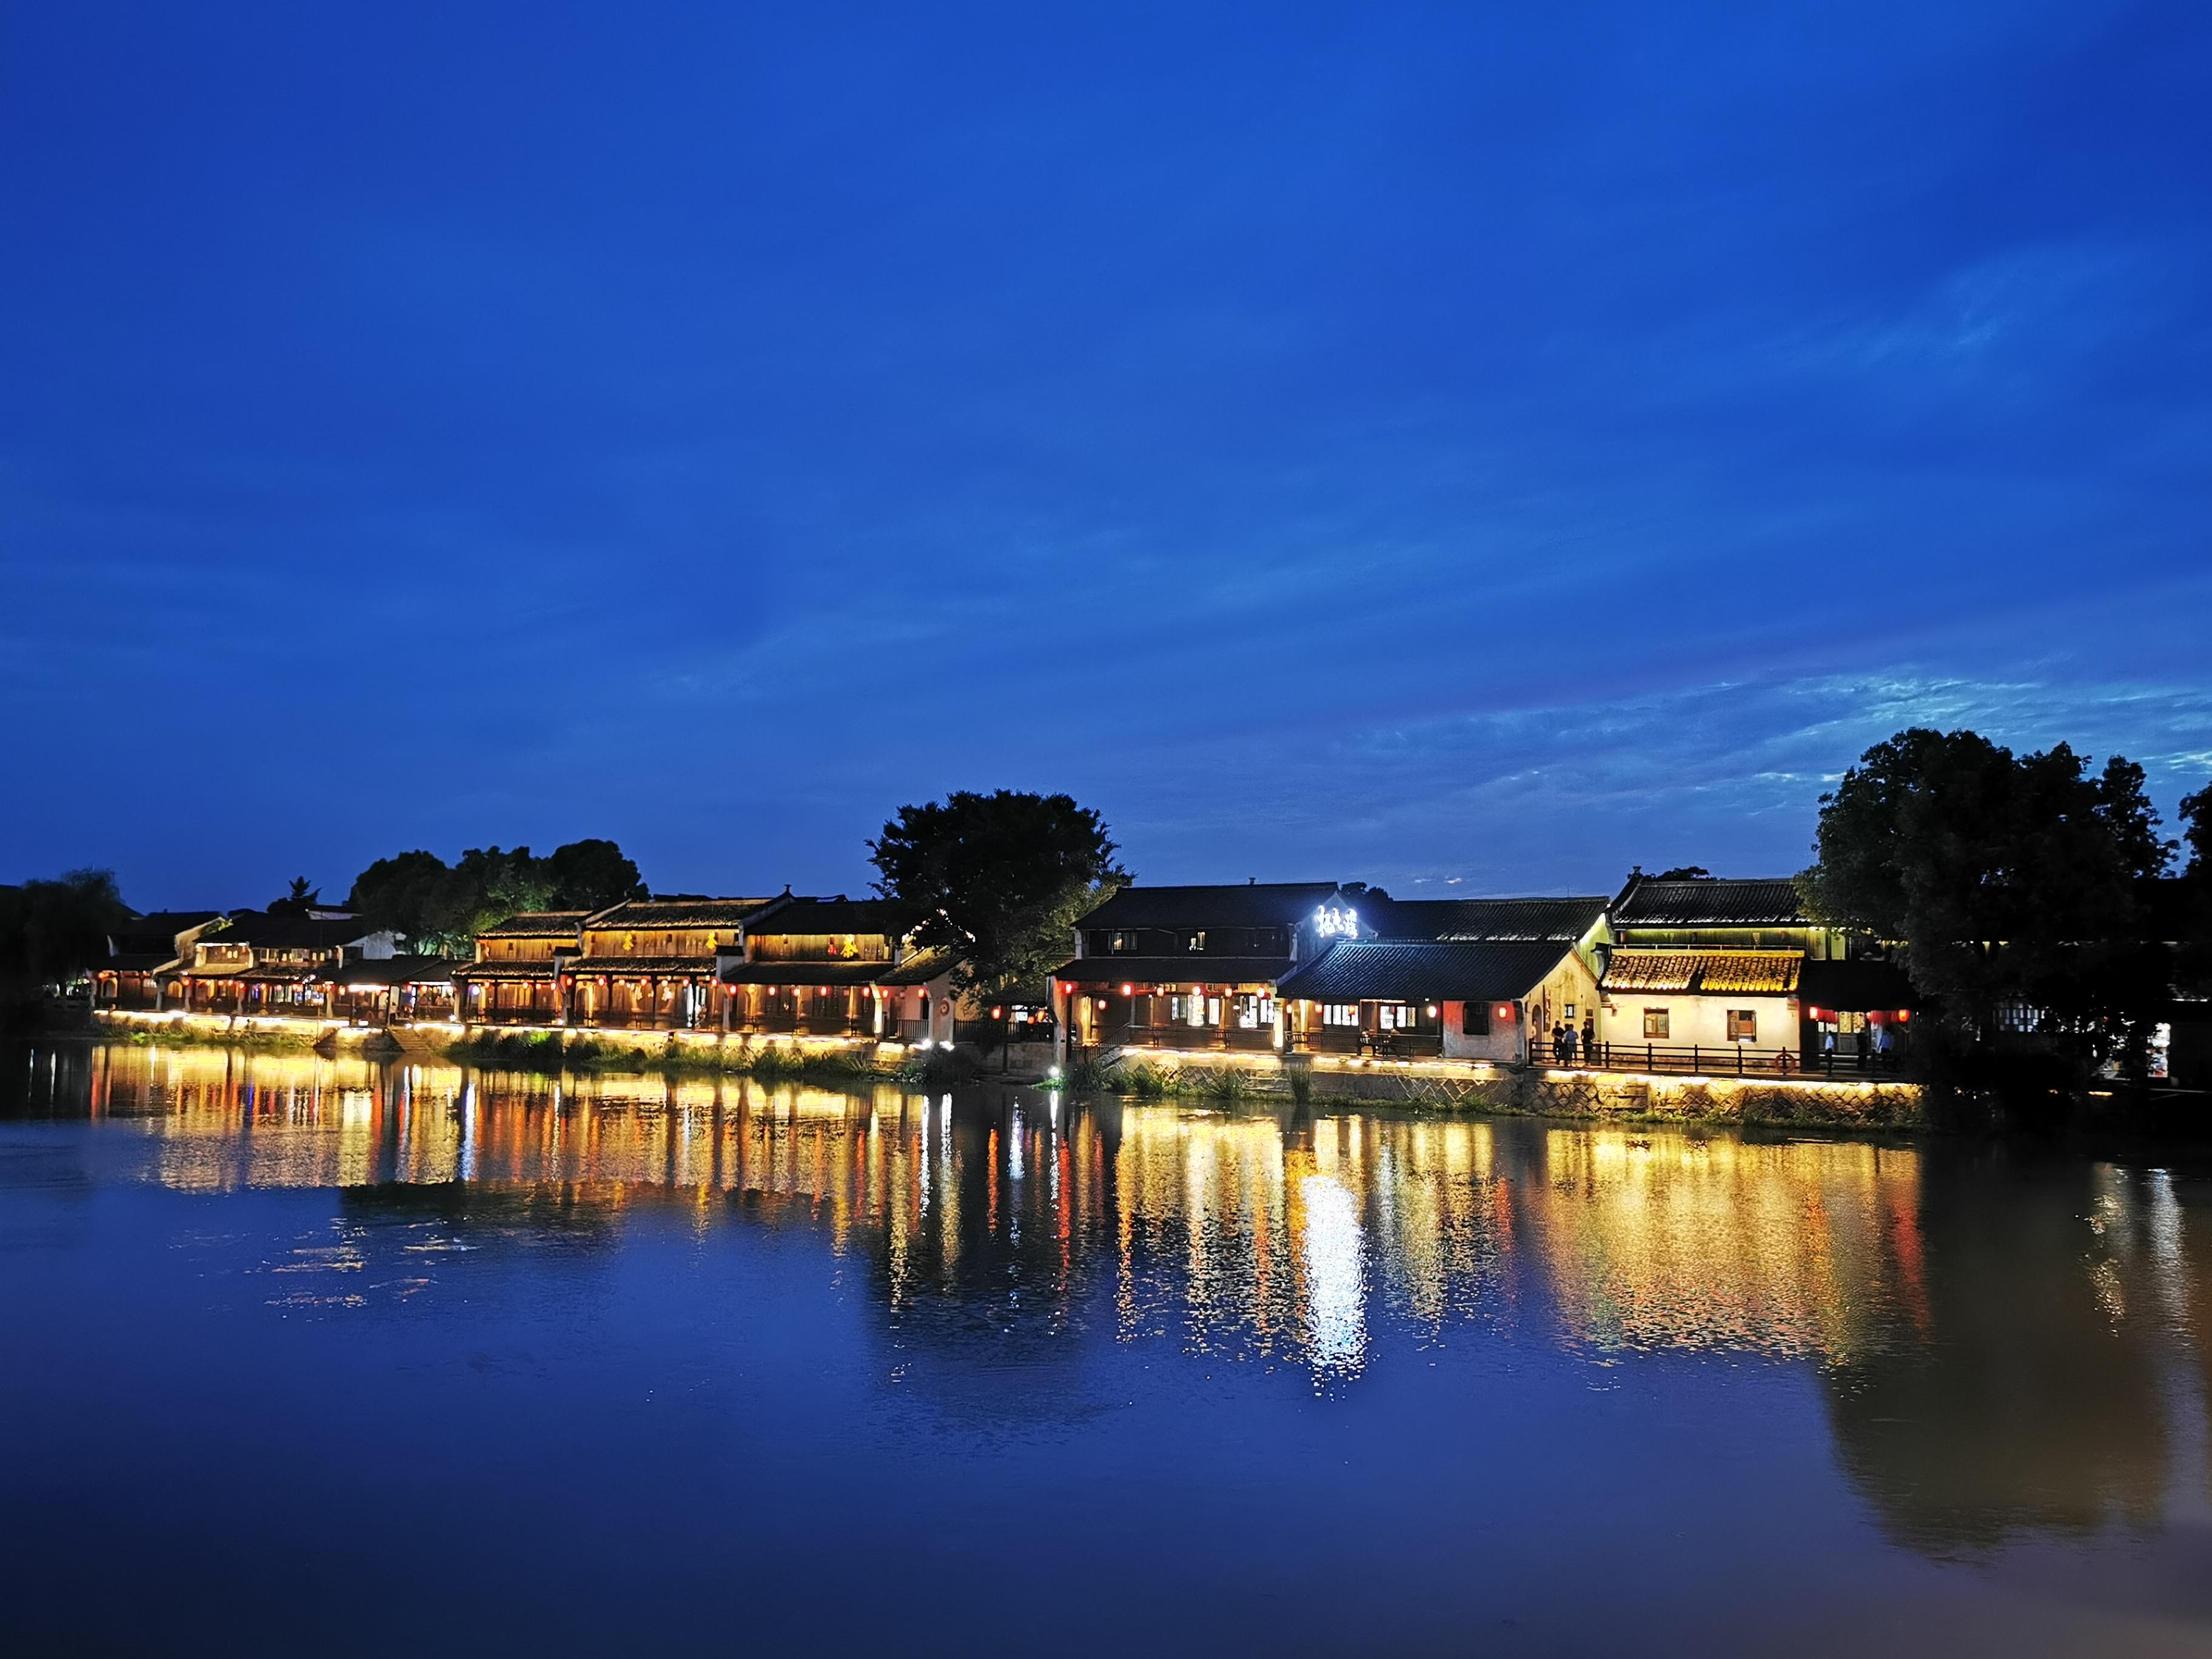 杭州塘栖古镇夜景